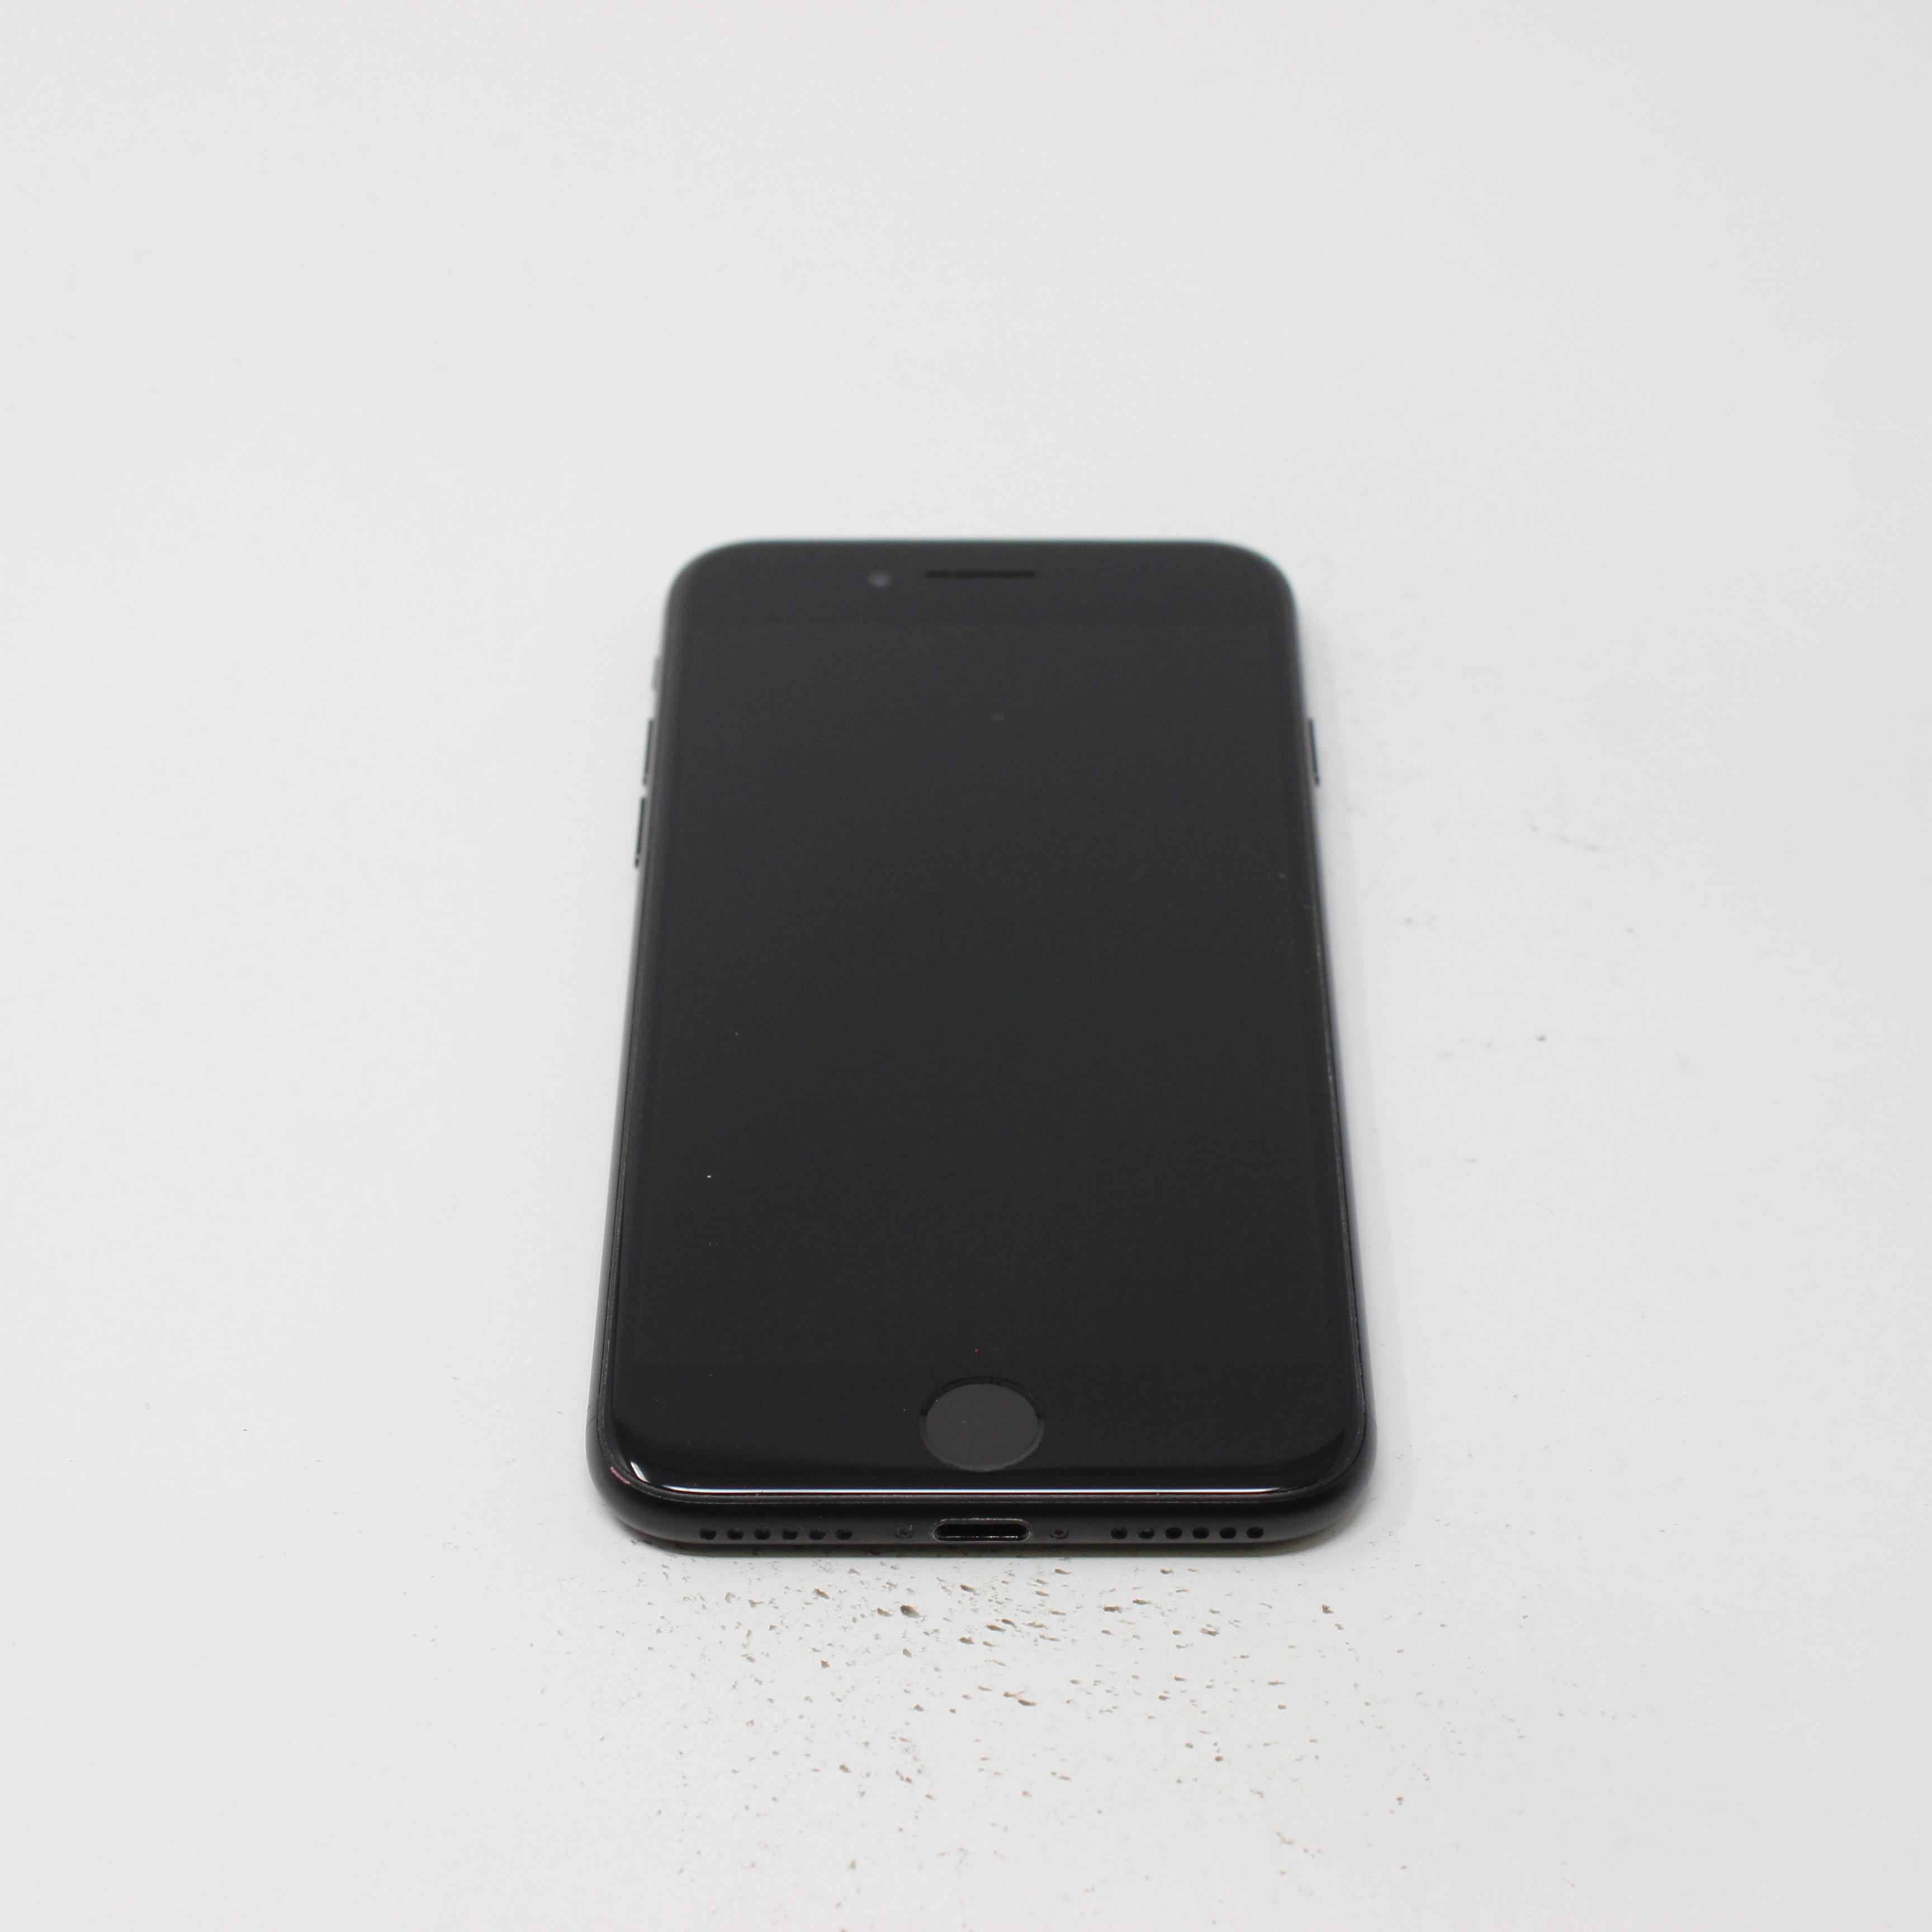 iPhone 7 32GB Black - T-Mobile photo 2 | UpTradeit.com